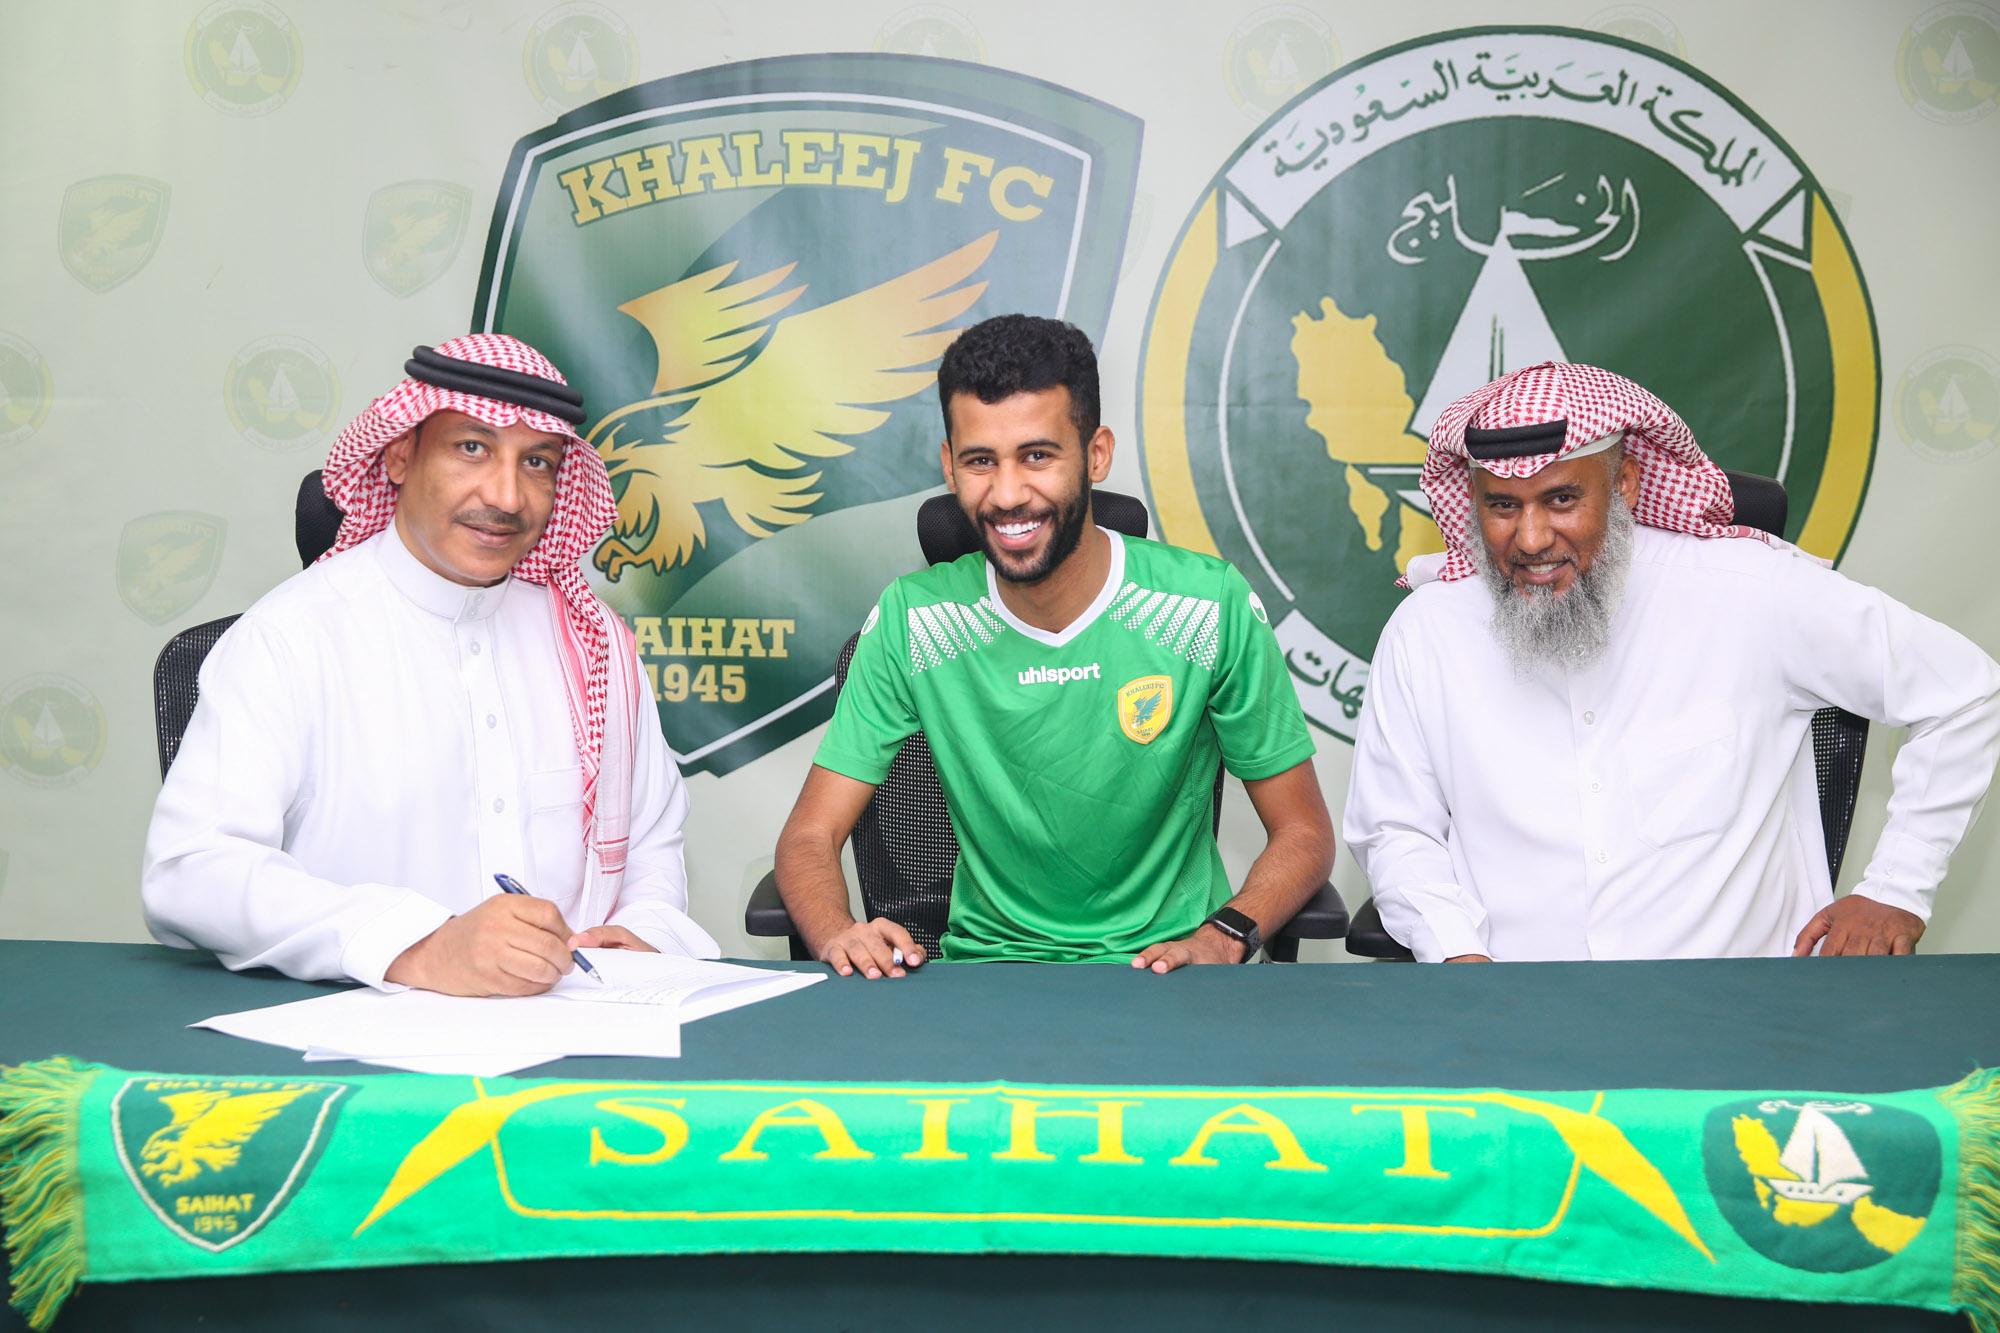 الخليج يدعم الدفاع بالتوقيع رسمياً مع أسامة السليم لتمثيل الدانة في دوري الأمير محمد بن سلمان